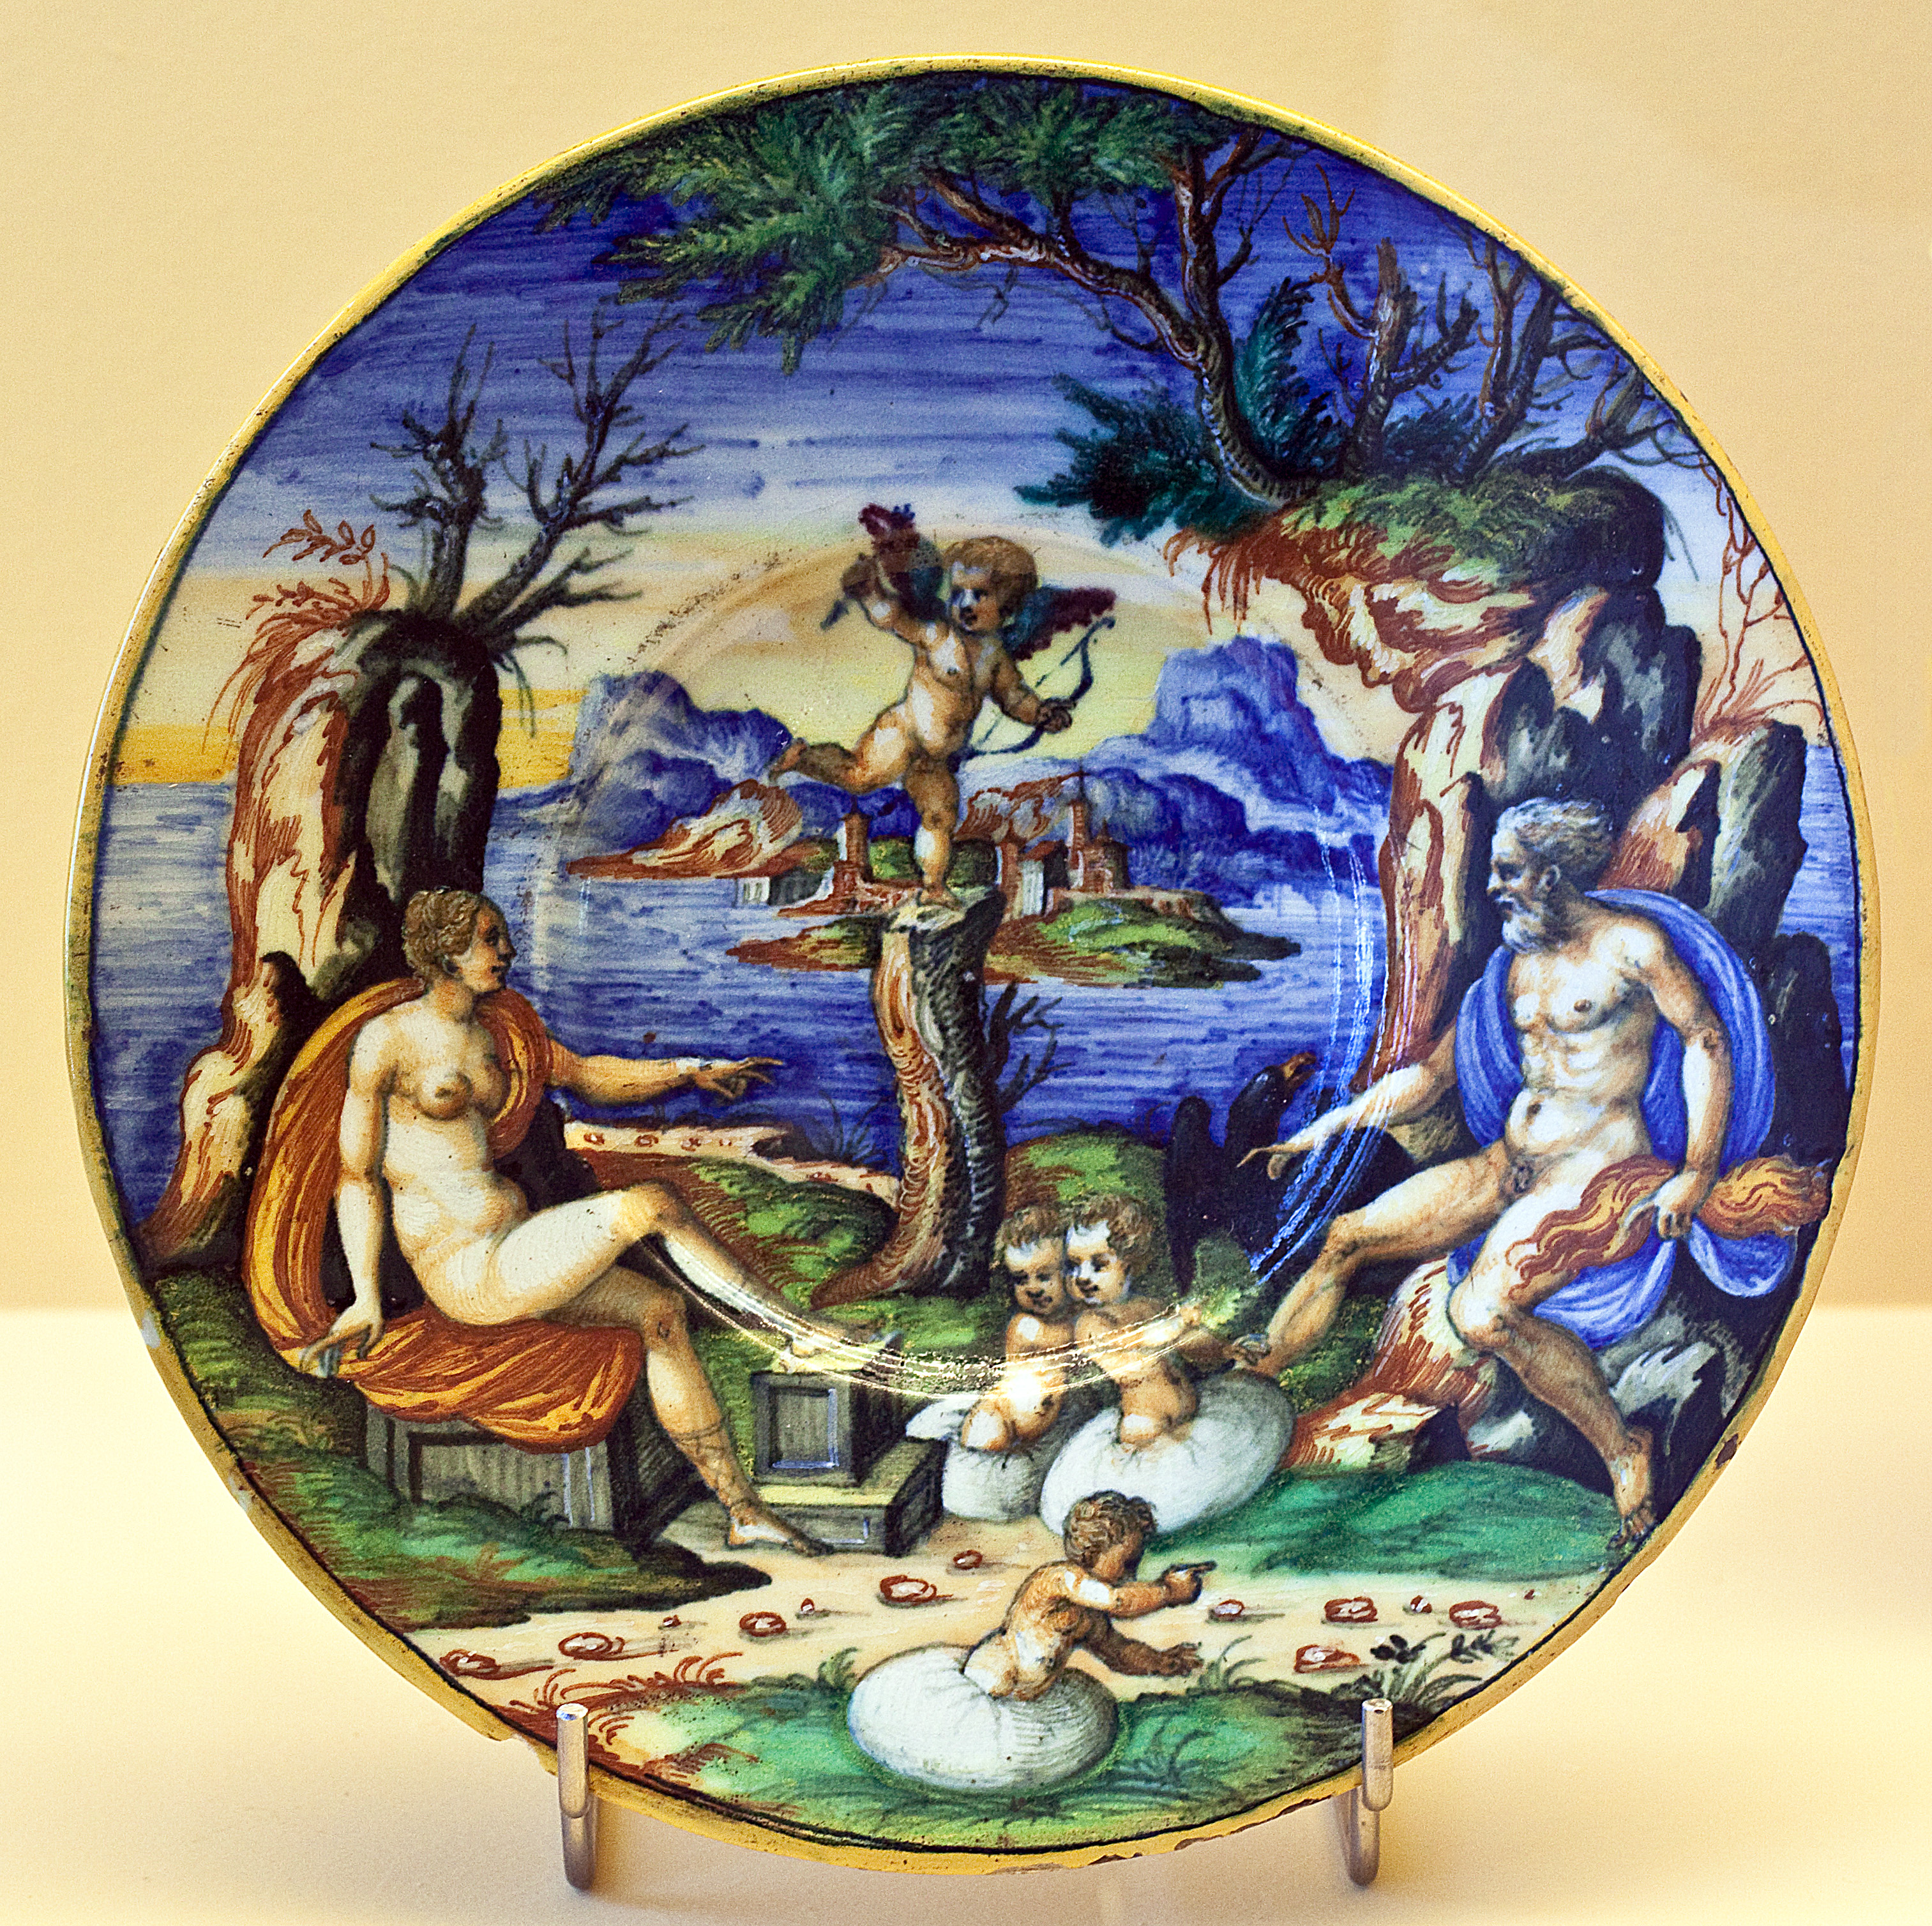 https://upload.wikimedia.org/wikipedia/commons/2/2b/WLANL_-_Artshooter_-_Zeus%2C_Hera_en_Amor_observeren_de_geboorte_van_Helena_en_de_Dioskuren.jpg